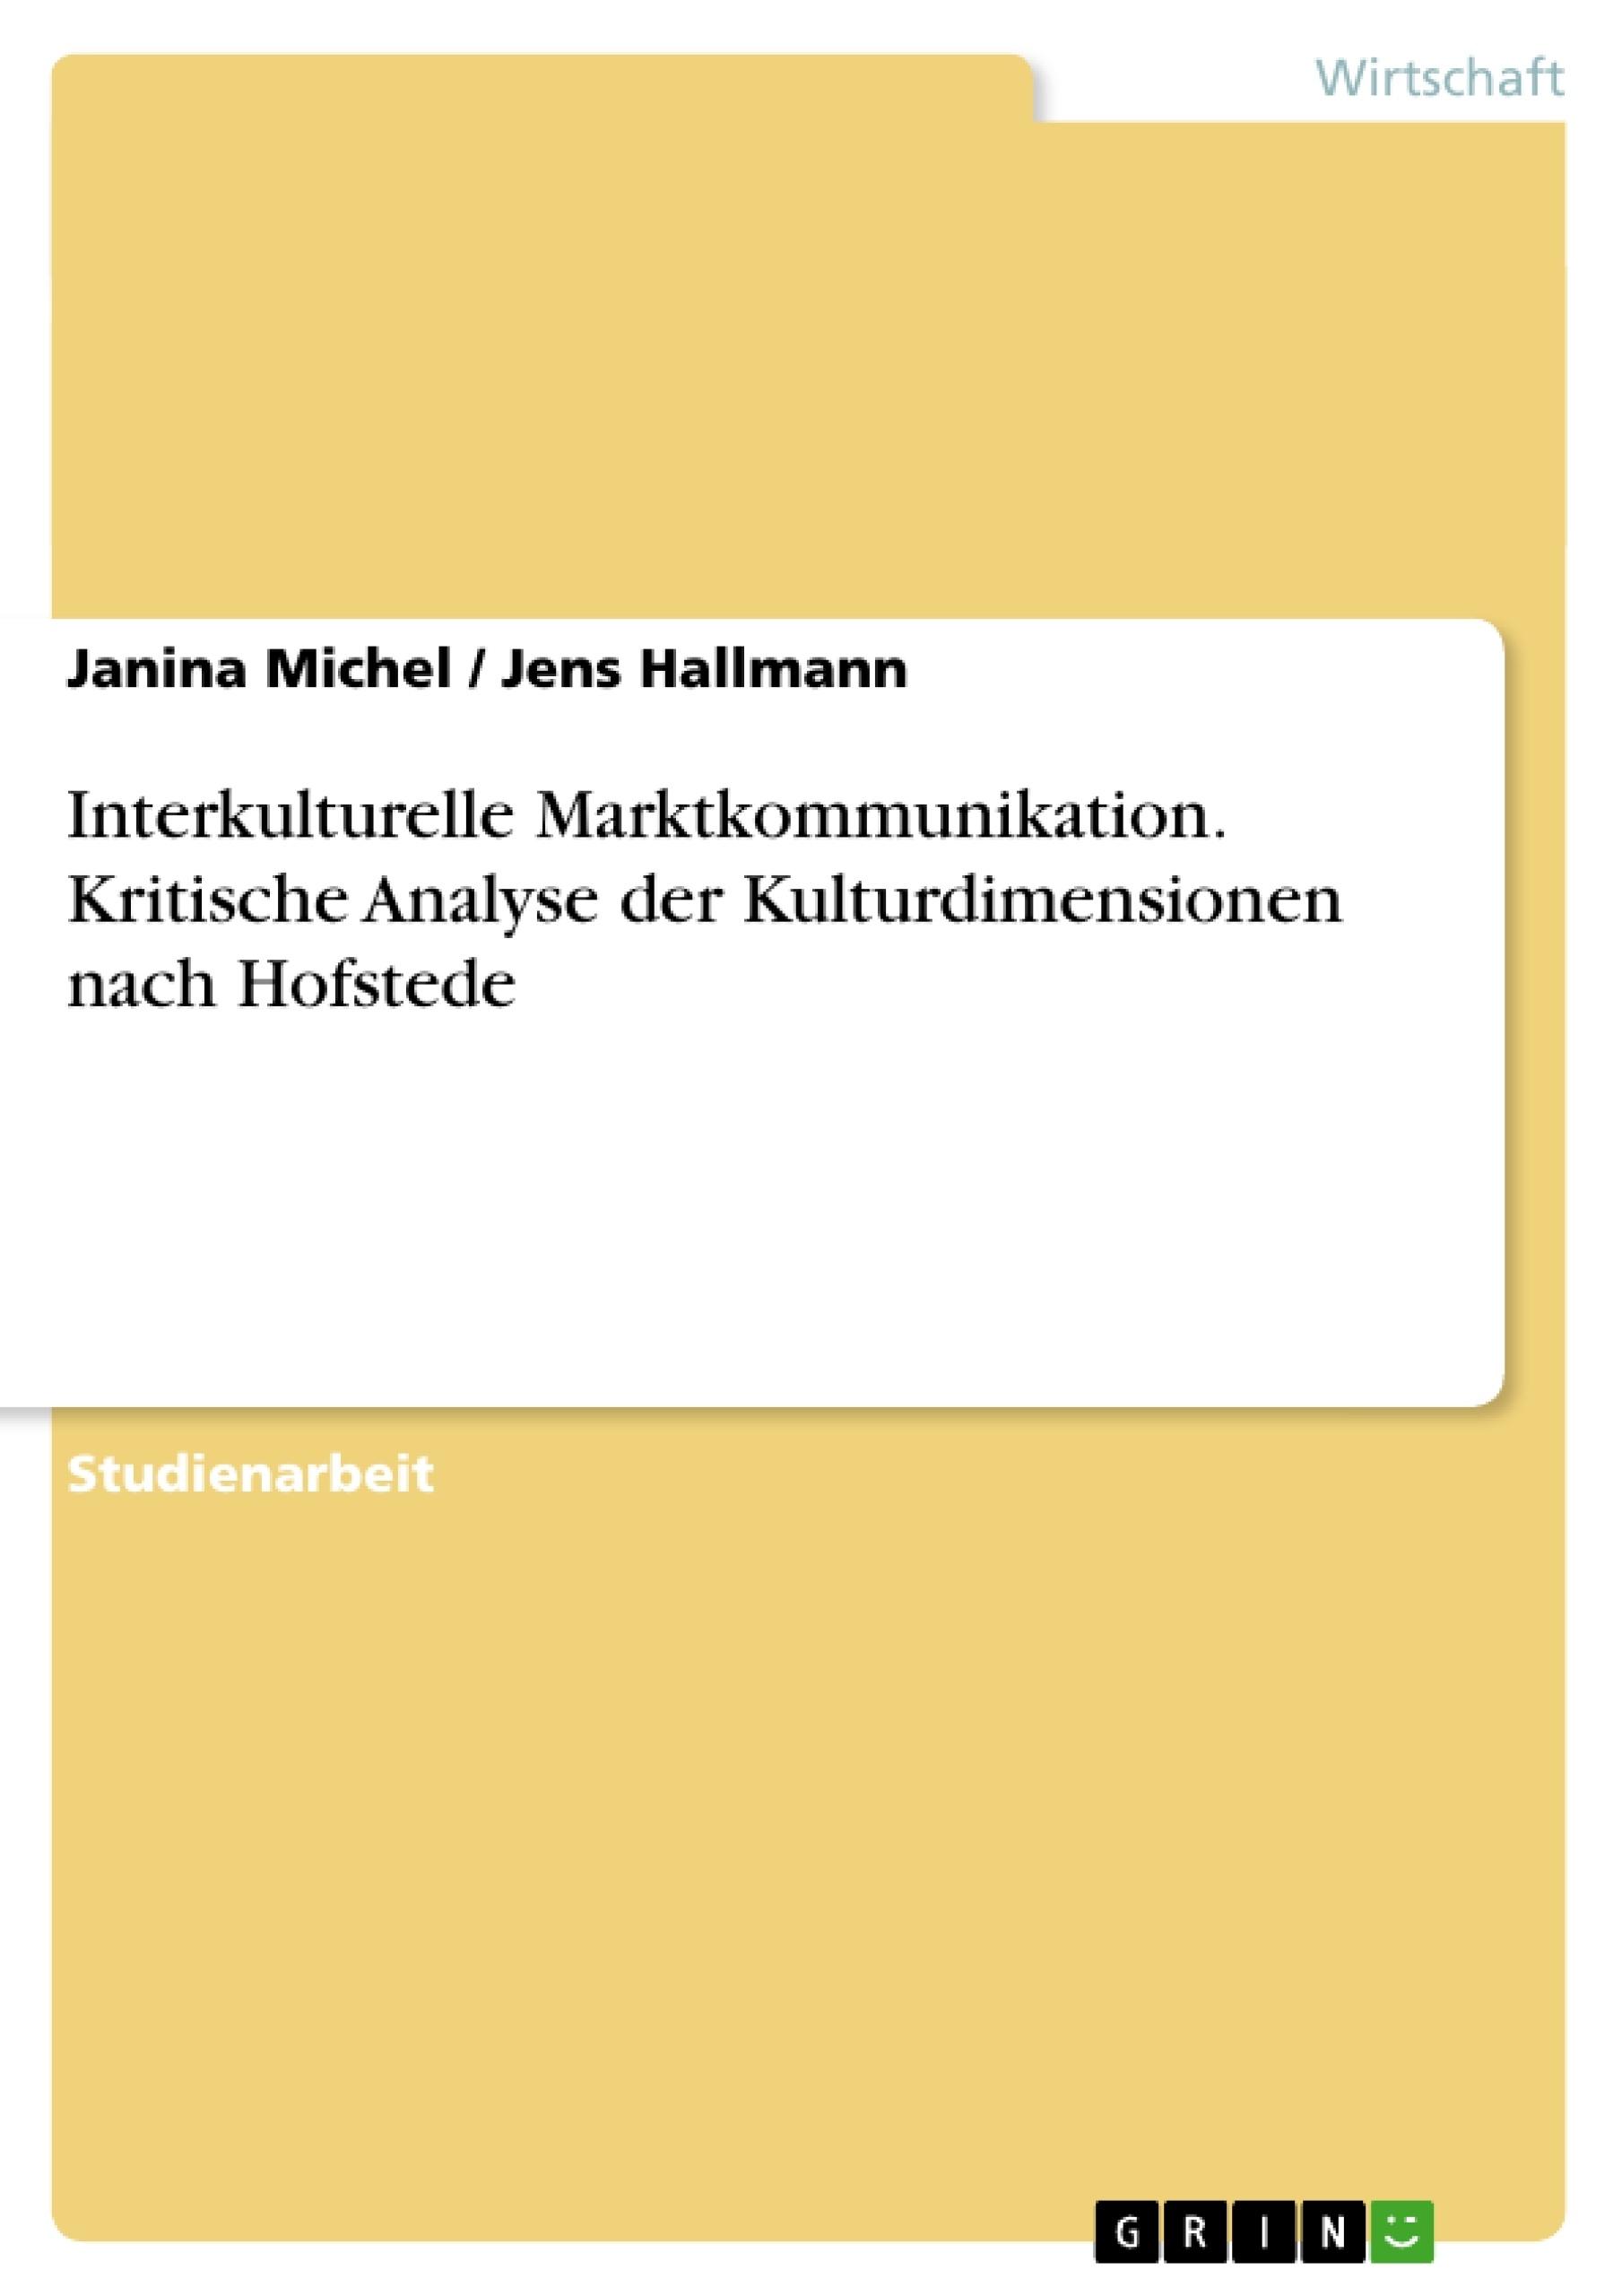 Titel: Interkulturelle Marktkommunikation. Kritische Analyse der Kulturdimensionen nach Hofstede